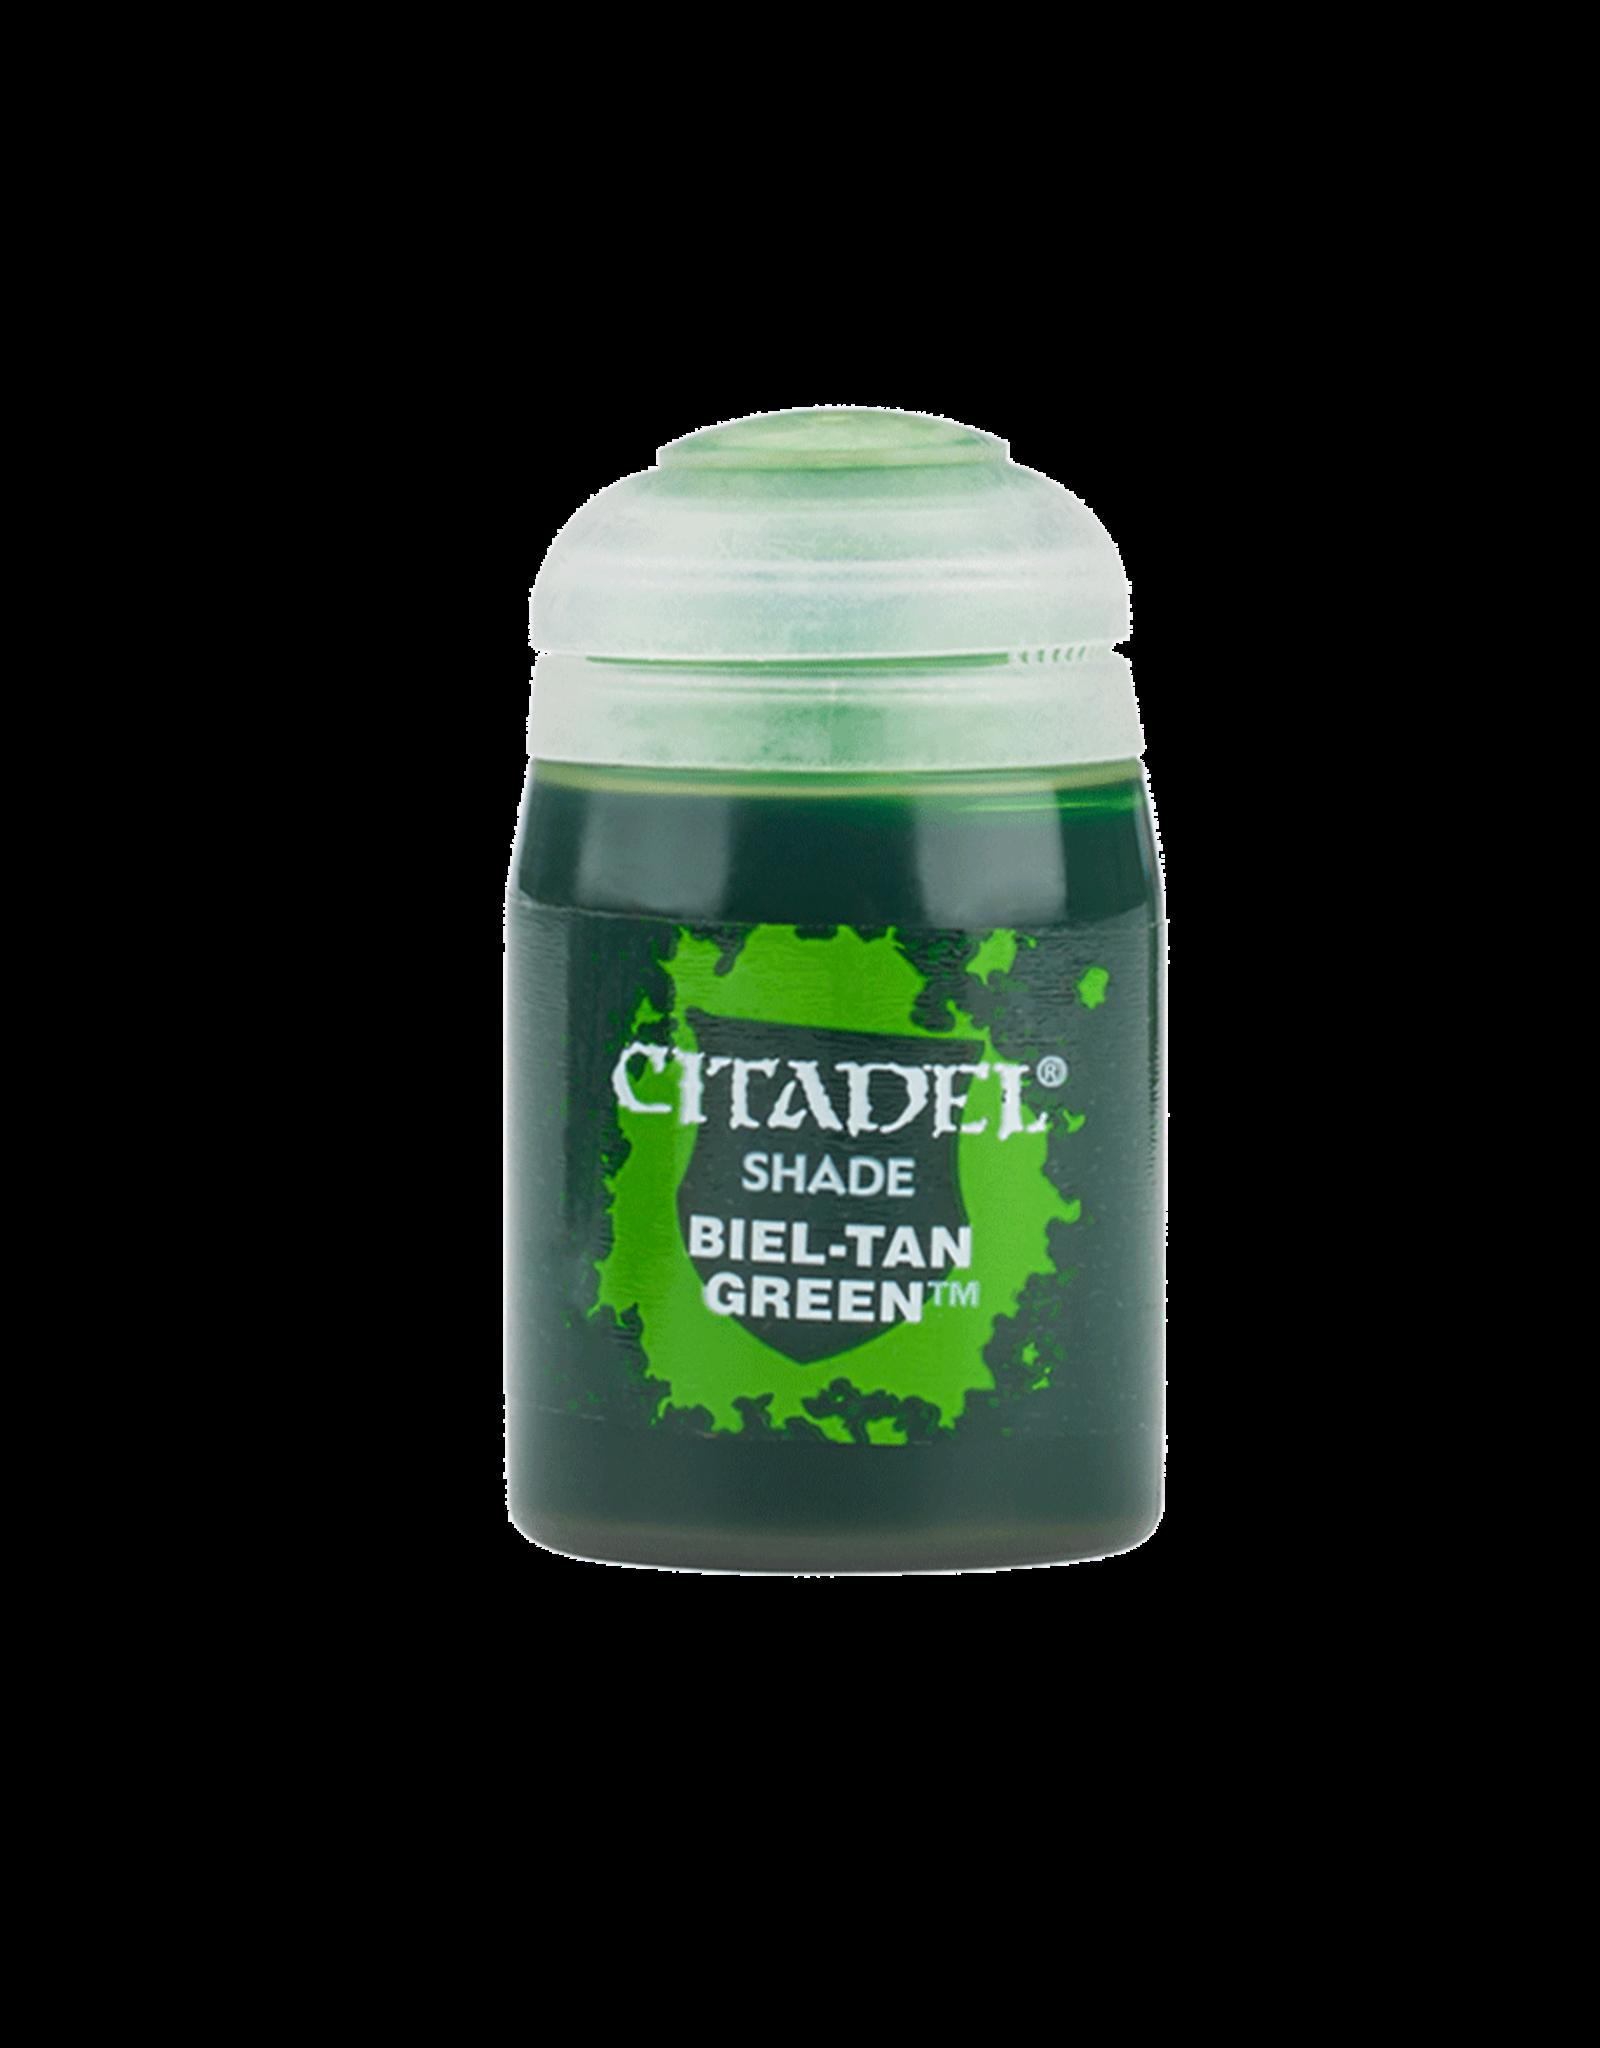 Games Workshop Citadel Paint: Biel-Tan Green 24ml